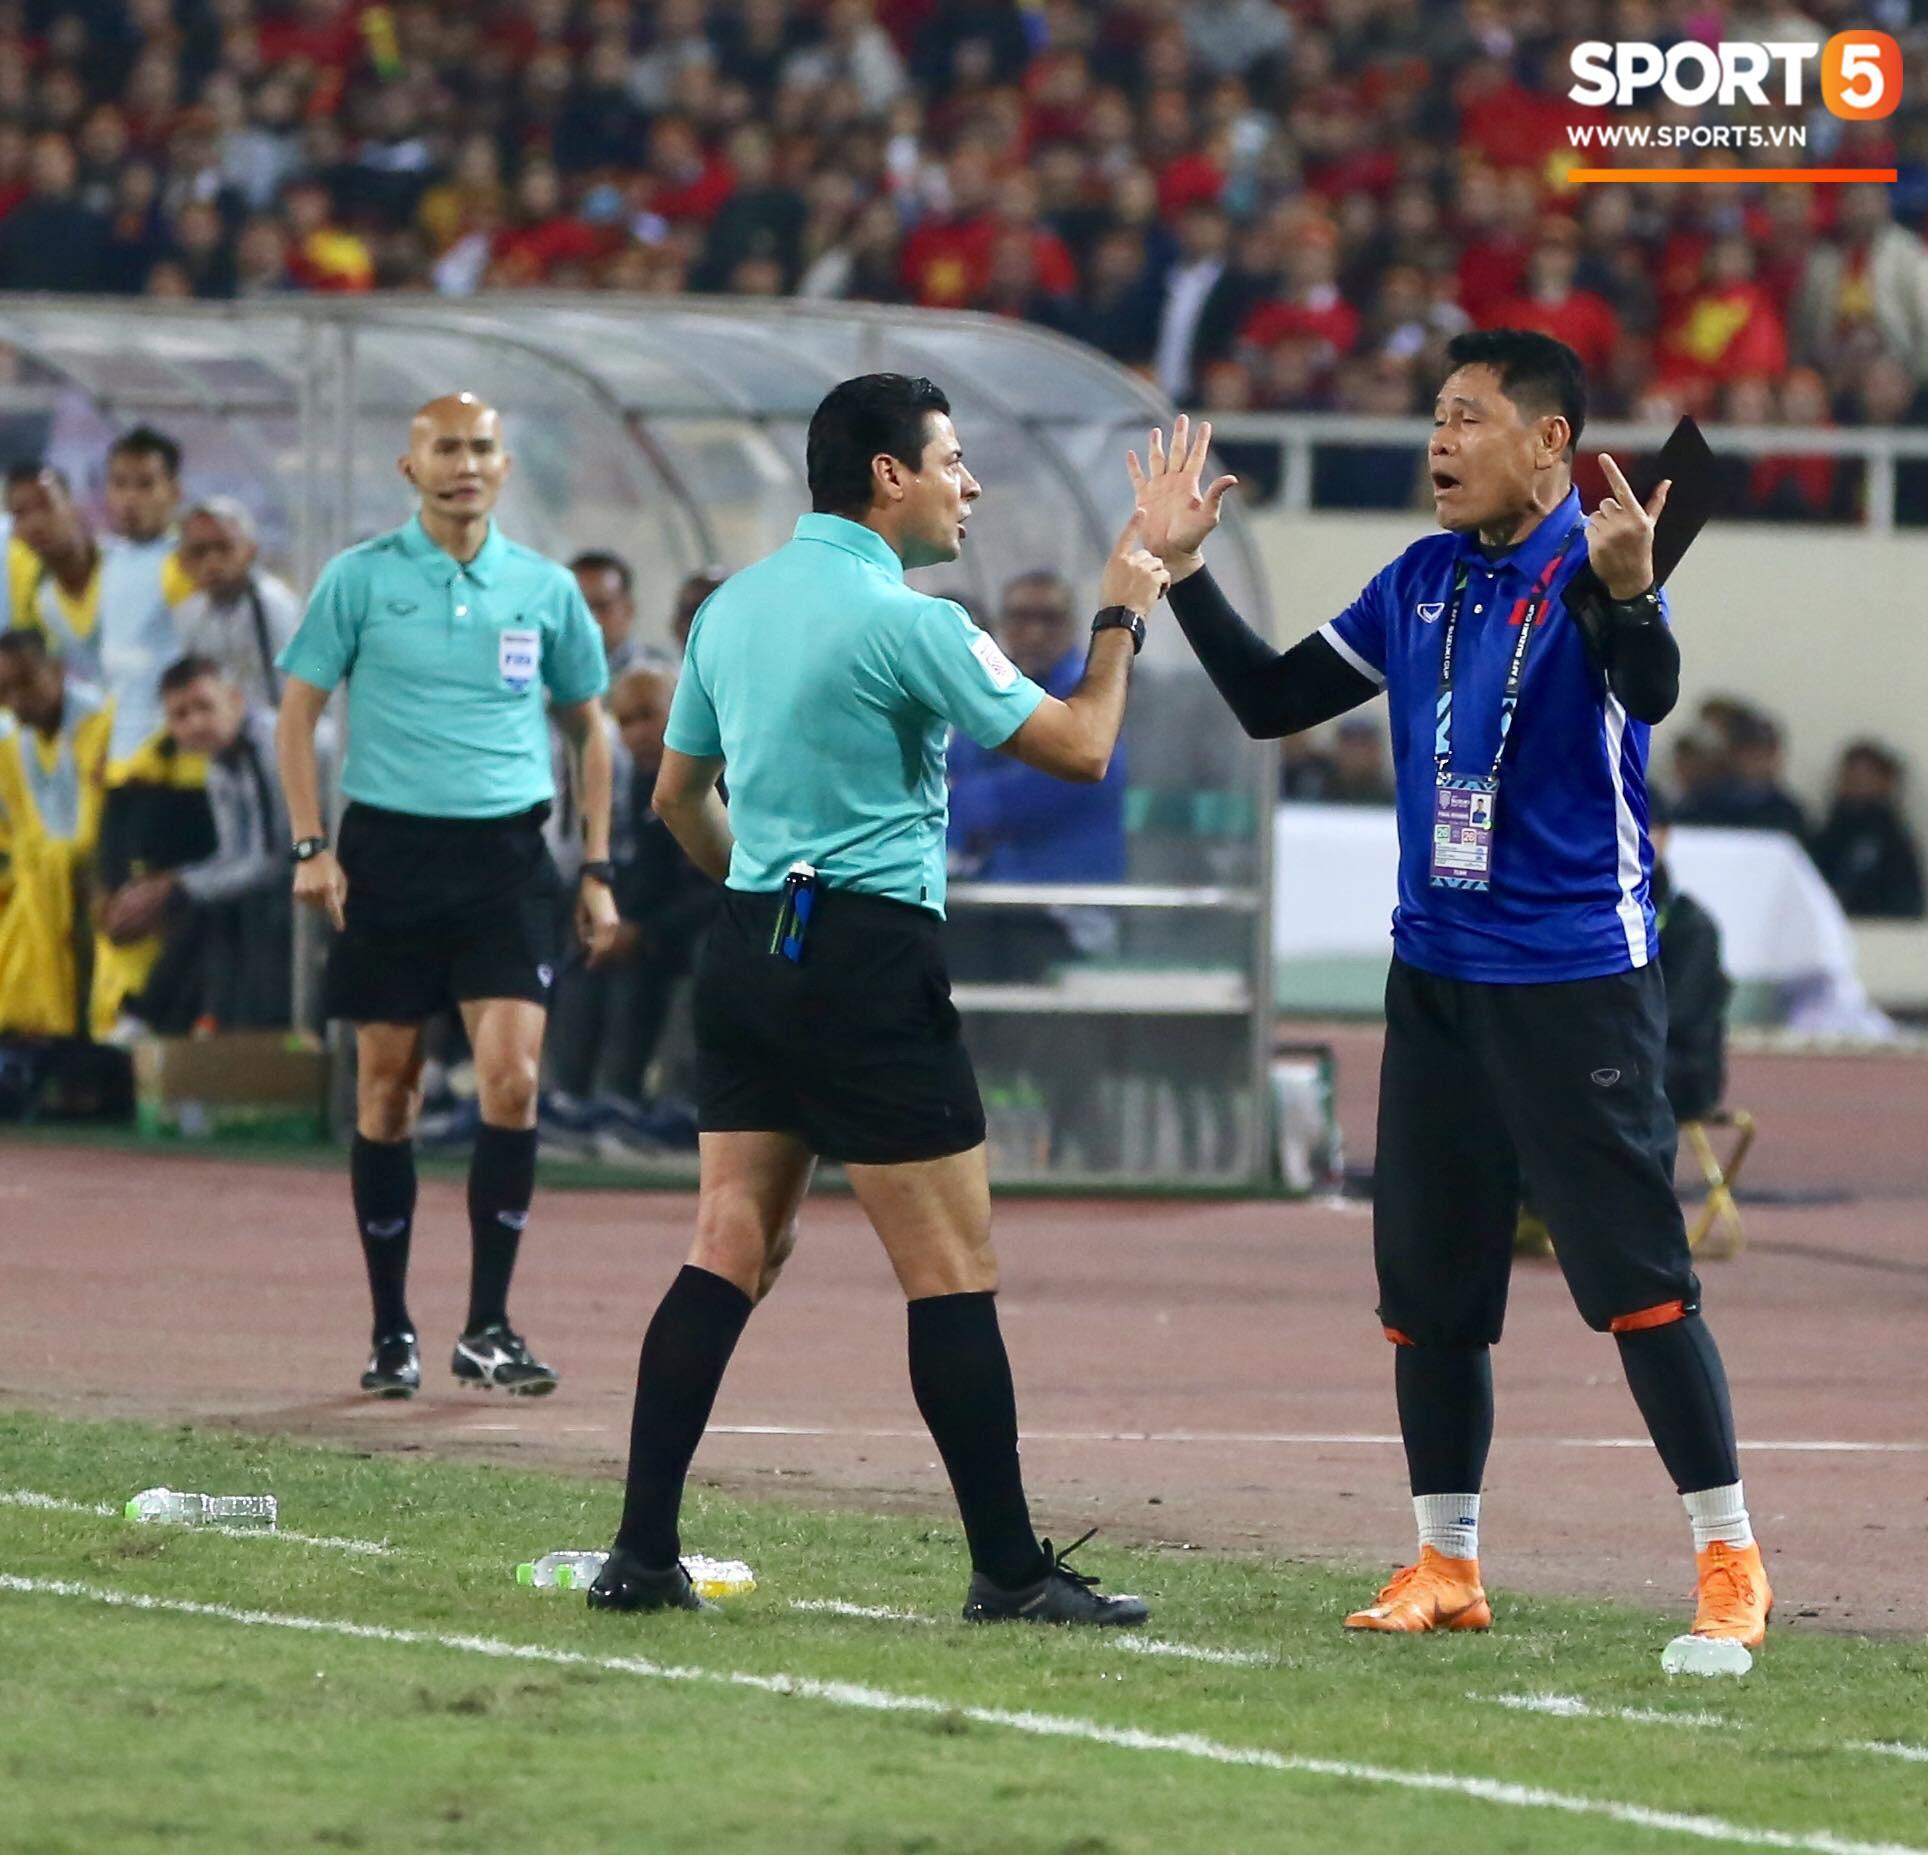 Nóng: Trọng tài cực gắt, từng rút mưa thẻ tại chung kết lượt về AFF Cup 2018, cầm còi trận Việt Nam - Jordan-2